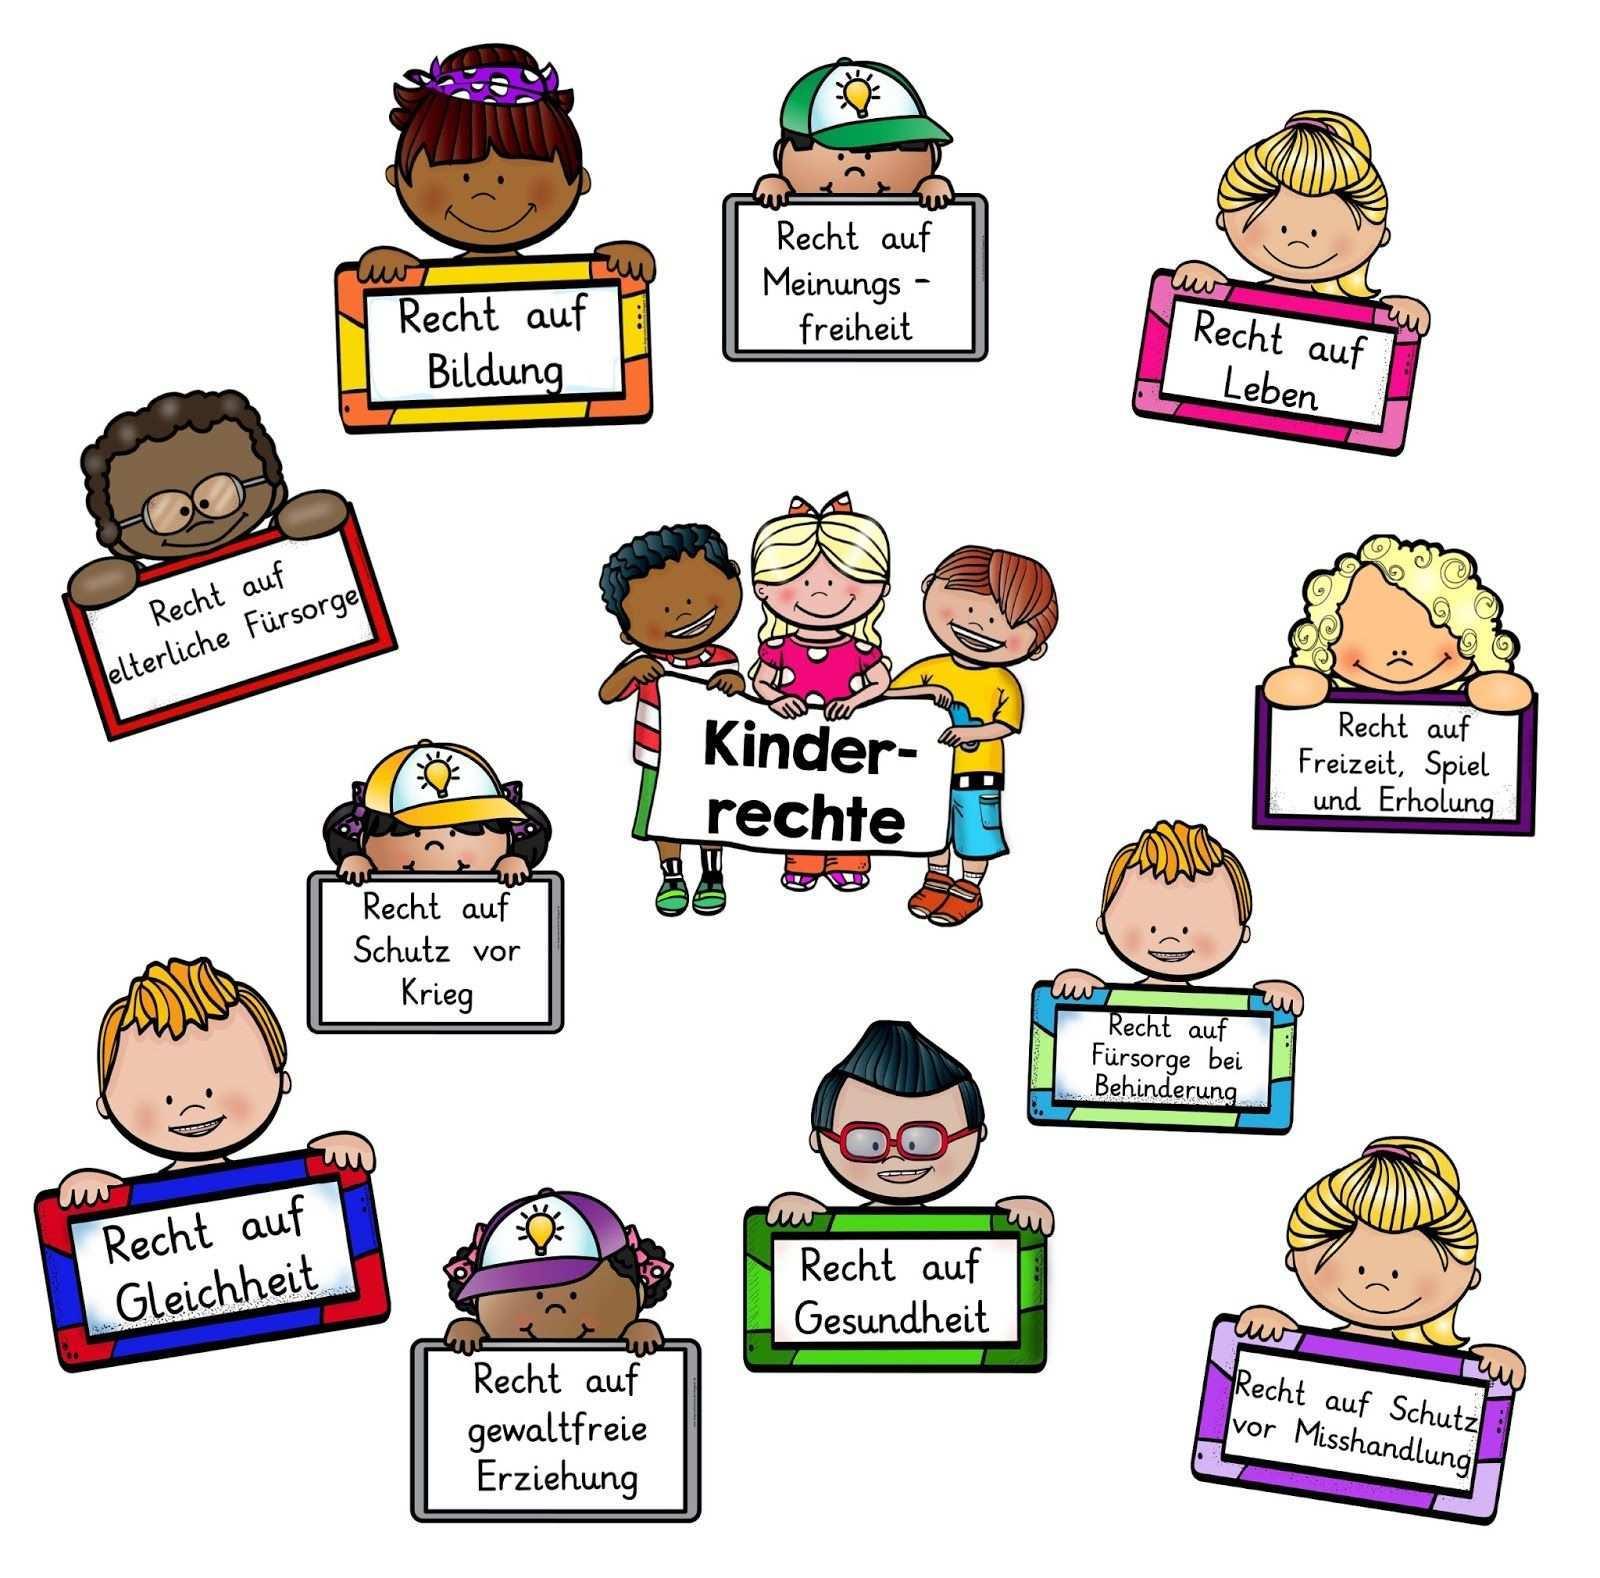 Zum Thema Kinderrechte Habe Ich Dieses Tafelmaterial Erstellt Dabei Habe Ich Mich Zum Grossteil Auf Die Wichtigsten Rechte Nach Kinderrechte Grundschule Kinder